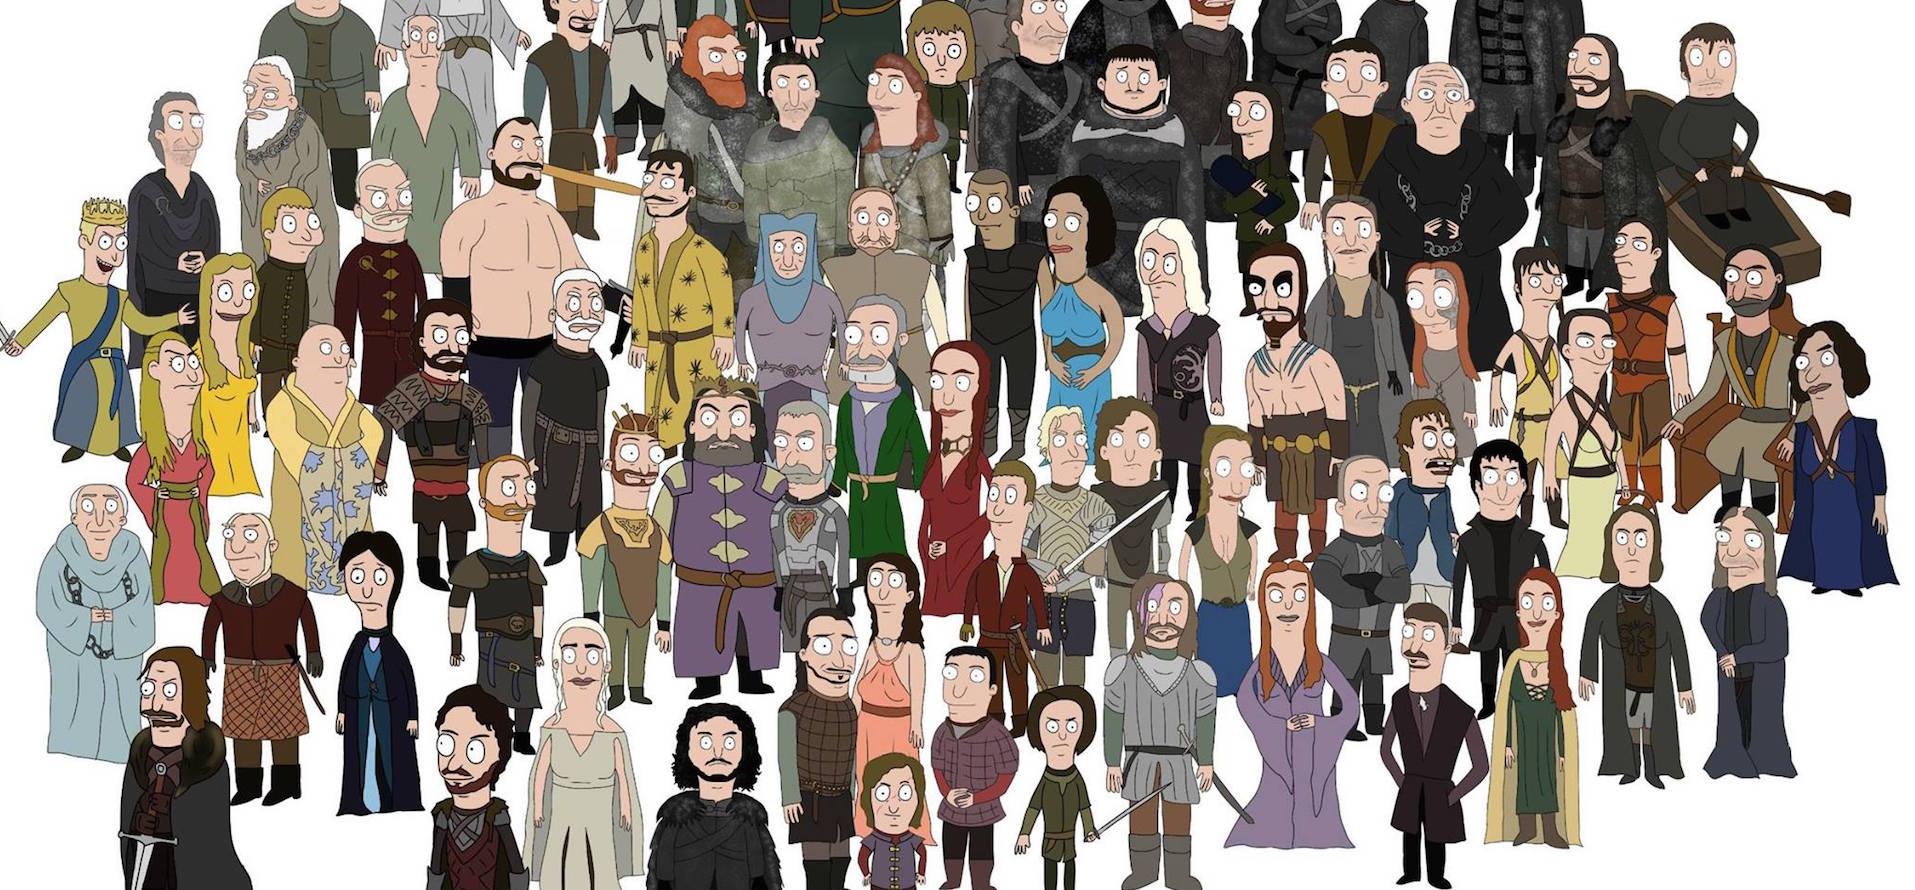 Supervivientes, vivos, no vivos, muertos y no muertos...Siete Reinos y un sólo enemigo: la muerte.